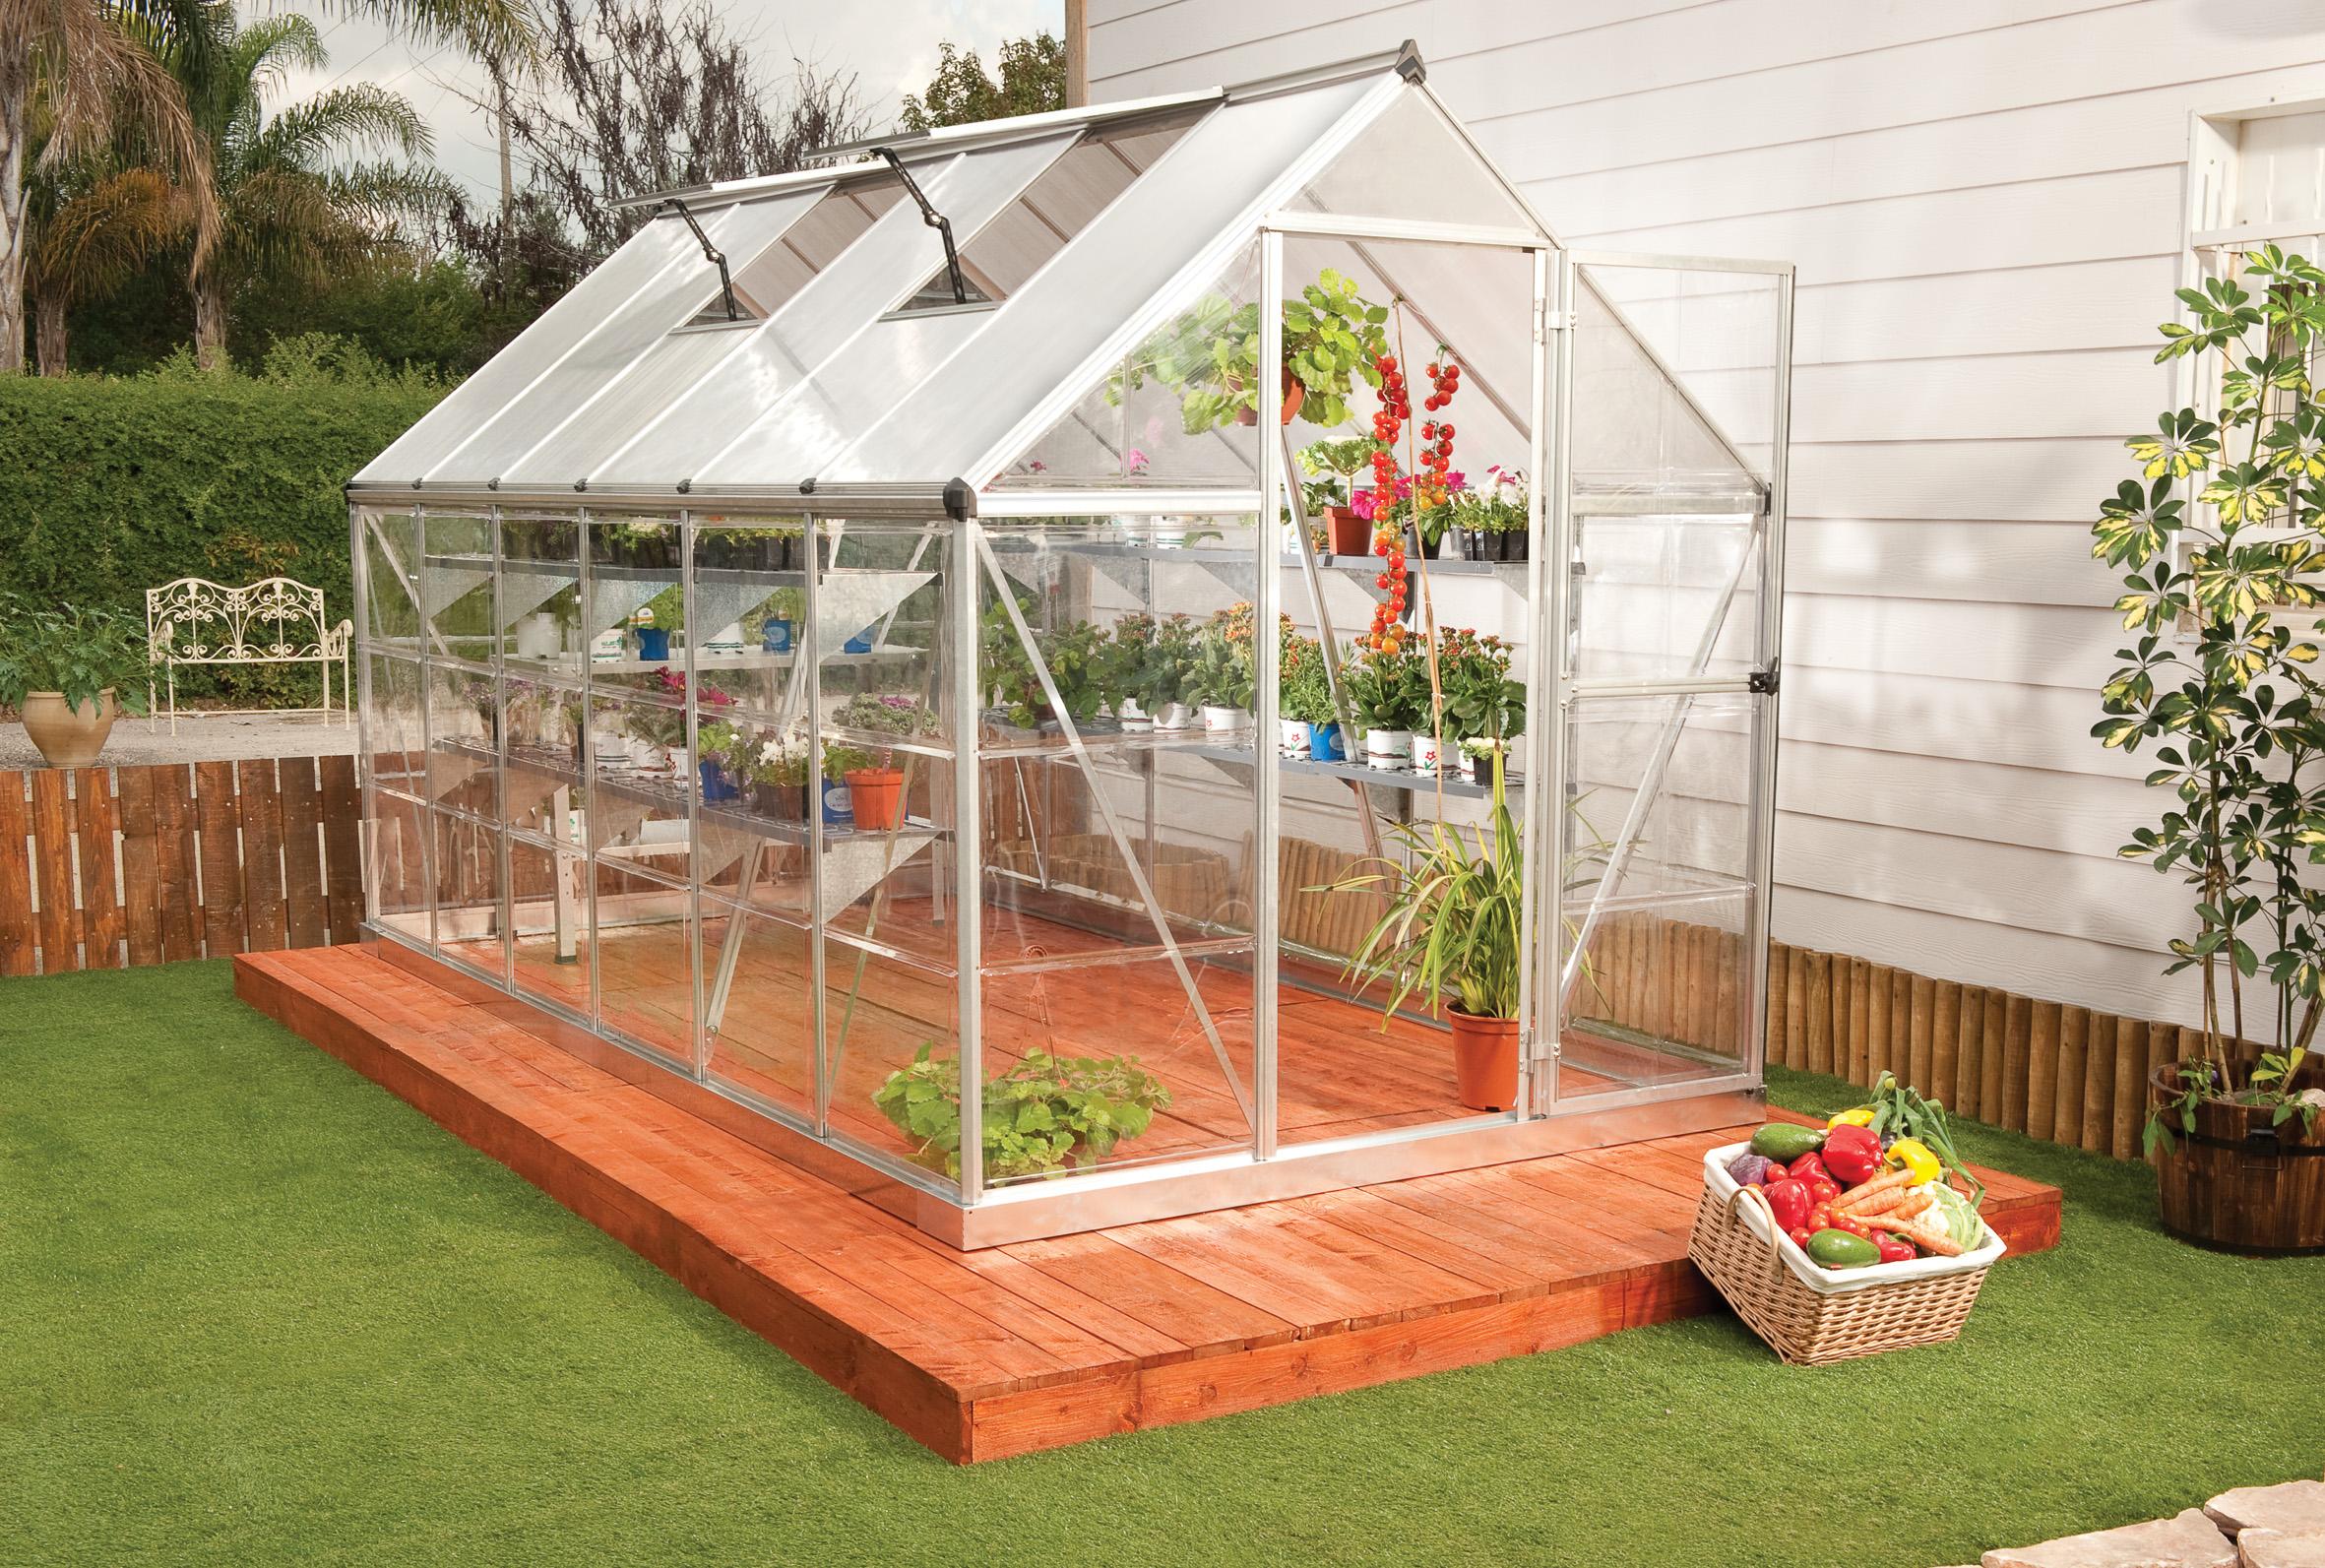 polykarbonátový skleník Palram hybrid 6x12 + ZDARMA základna skleníku + ZDARMA strunová sekačka Fieldmann FZS 2000-E + ZDARMA sada 10ti háčků pro rostliny + hnojivo Biocin + prodloužená ZÁRUKA 10 LET